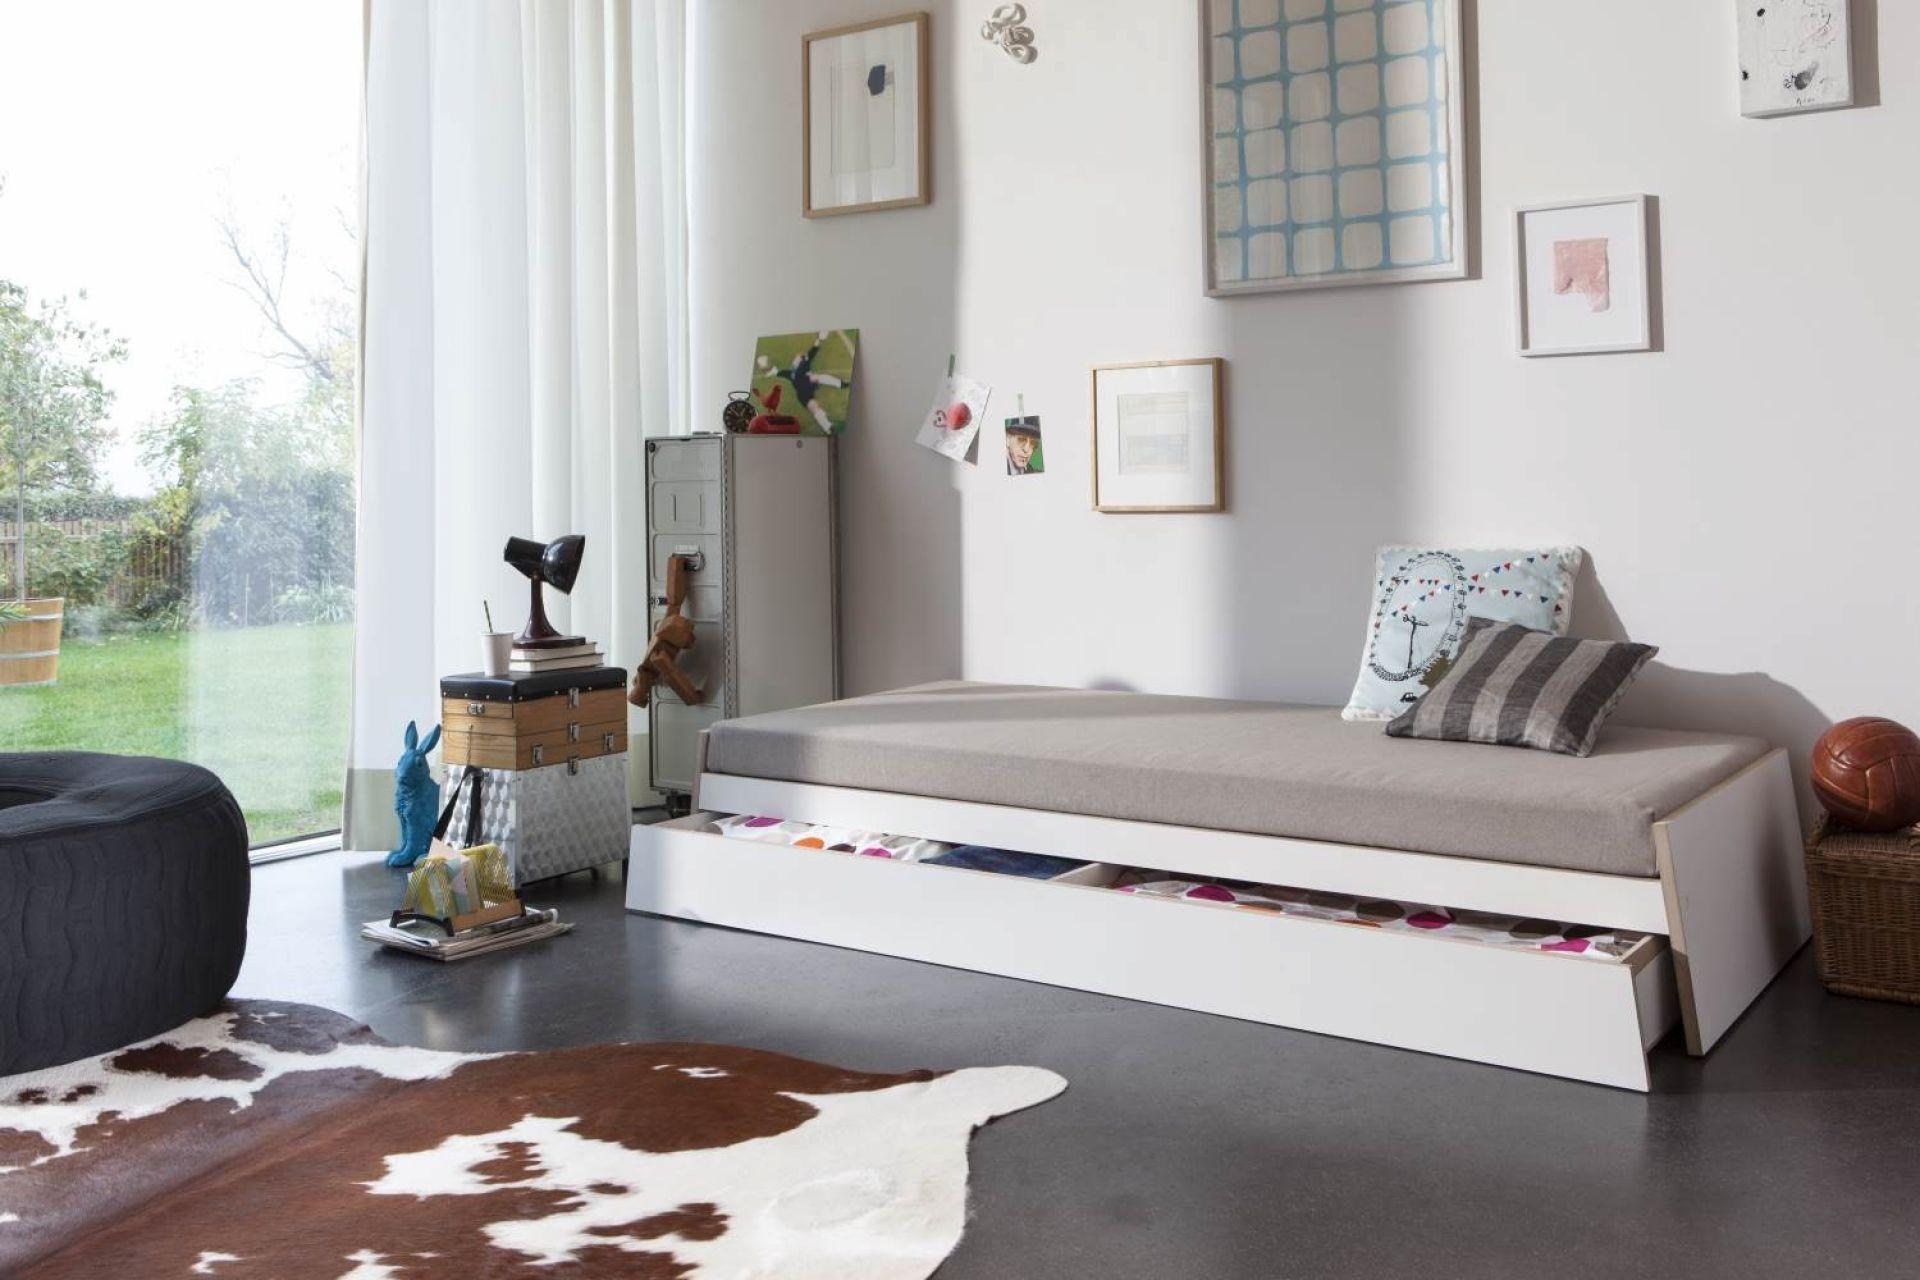 Alma Bed box drawer for Lönneberga Stacking bed Richard Lampert